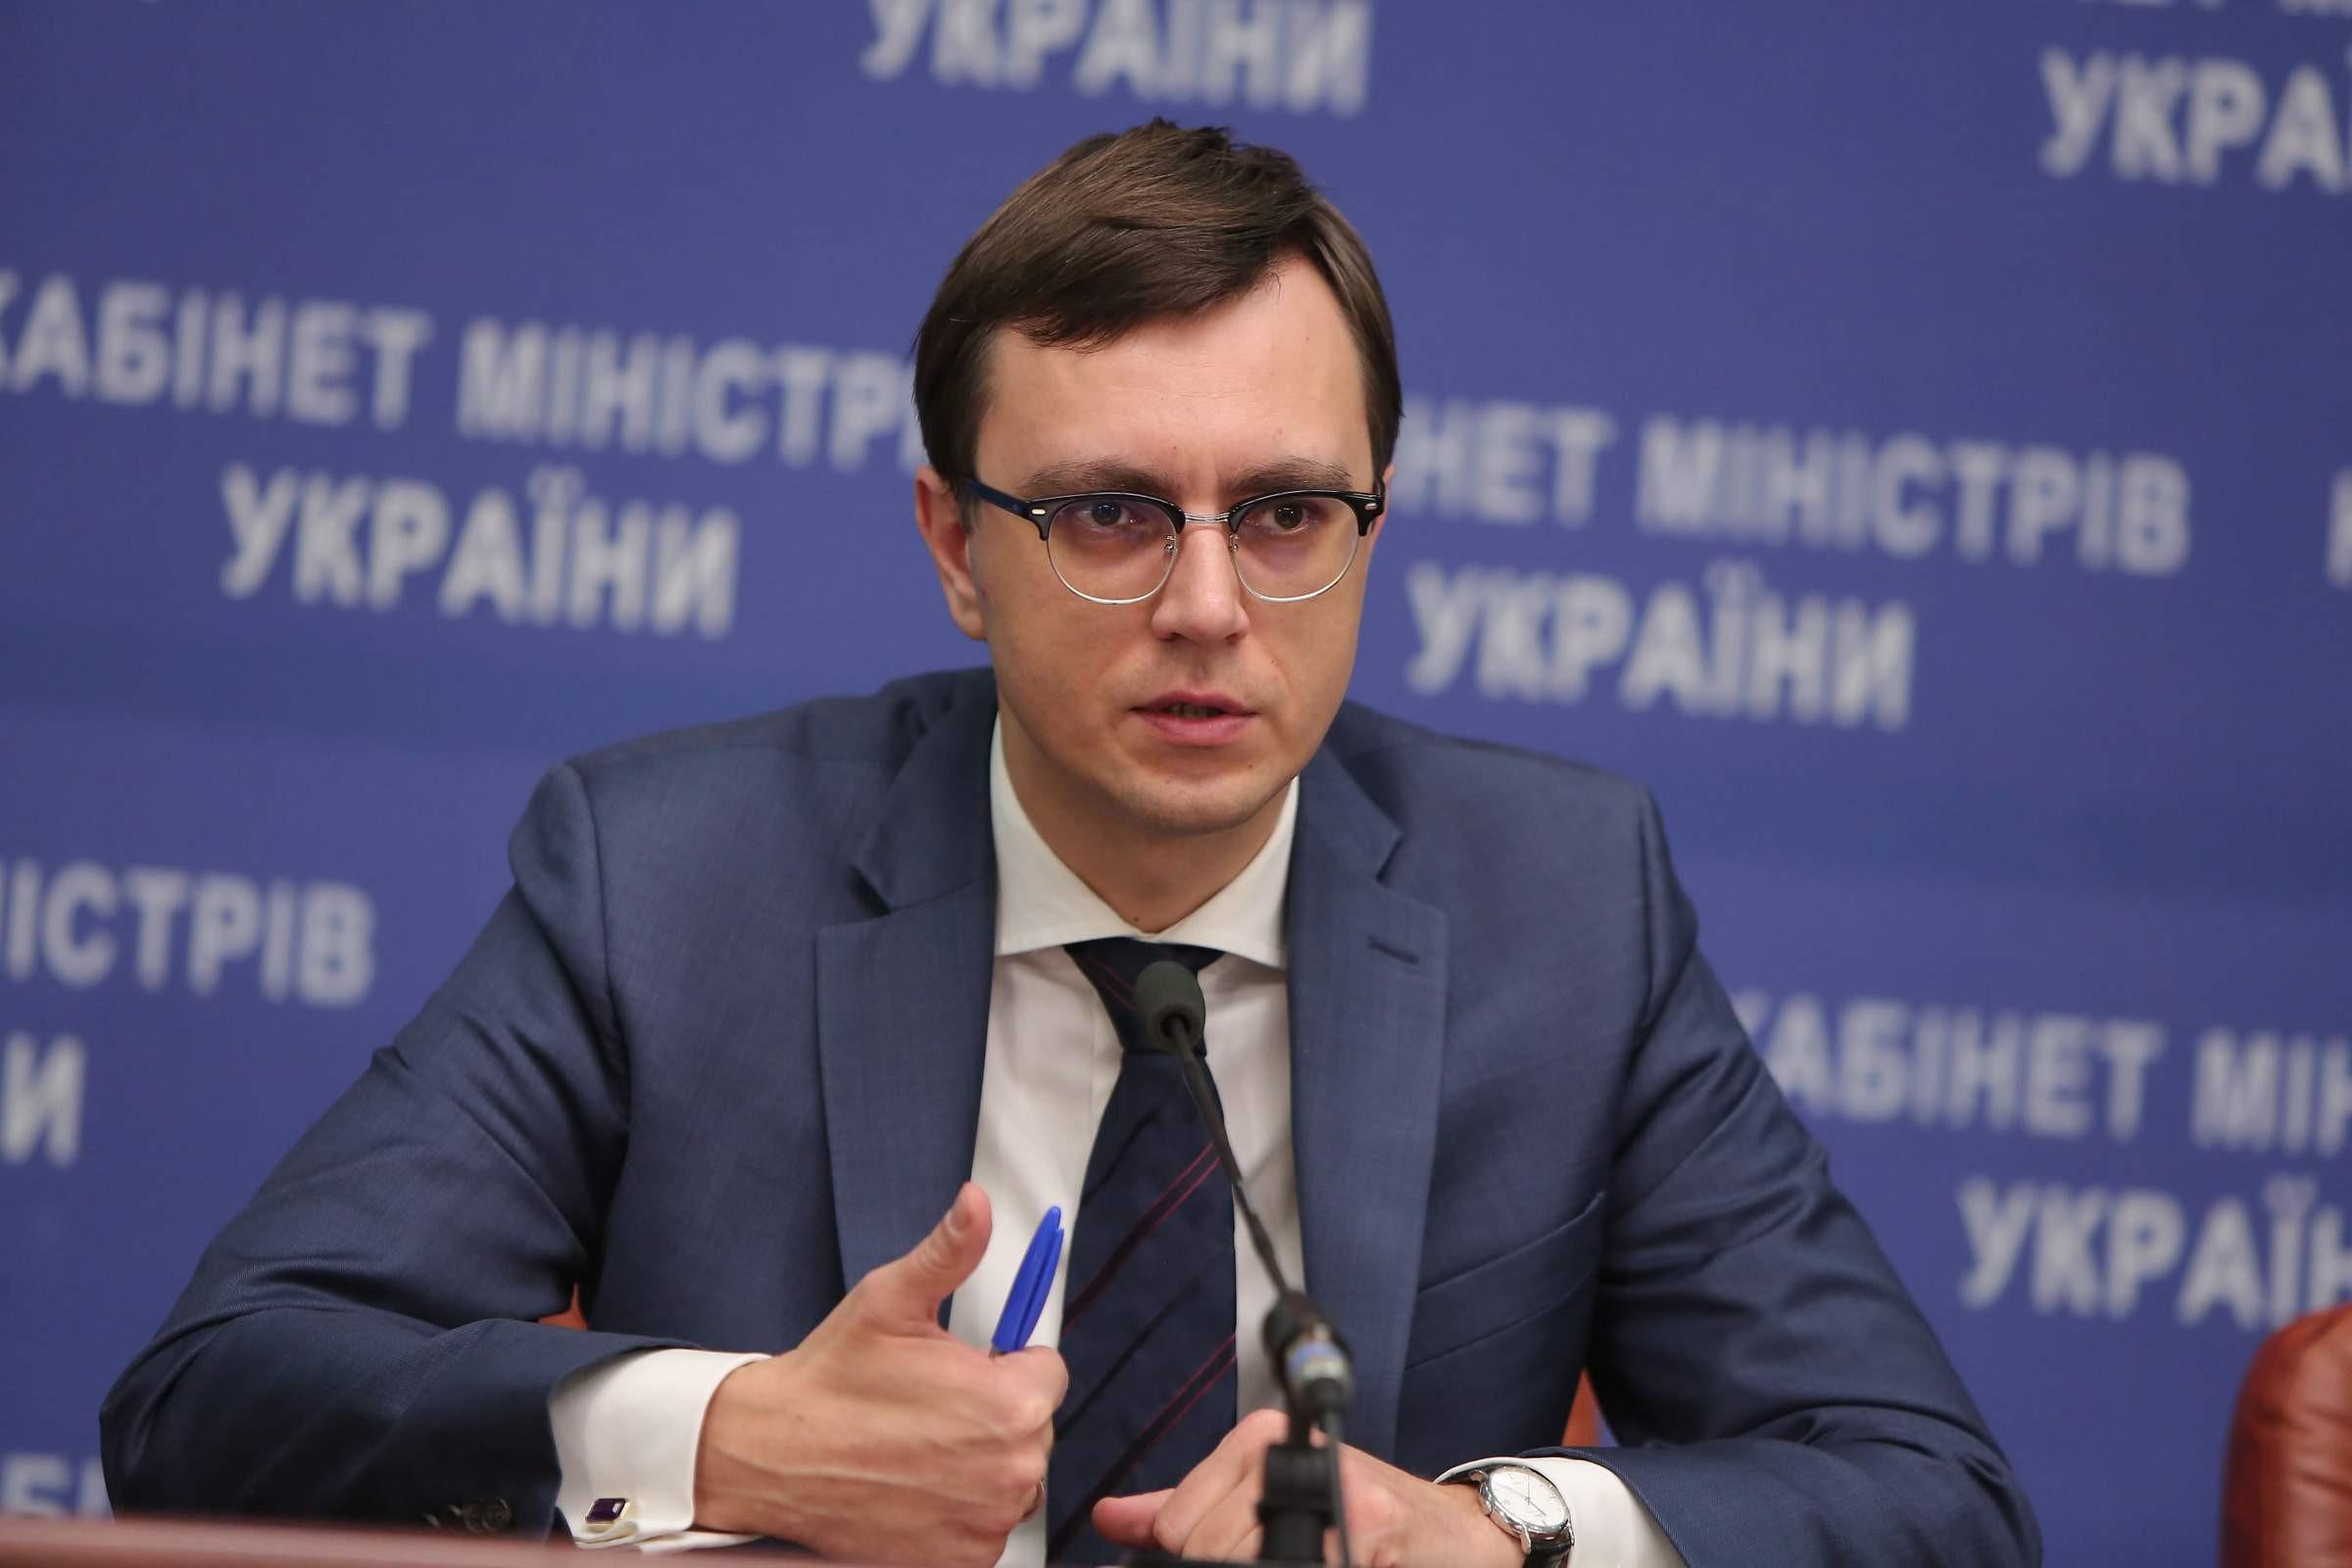 Министр пообещал первую бетонную дорогу в Украине 1